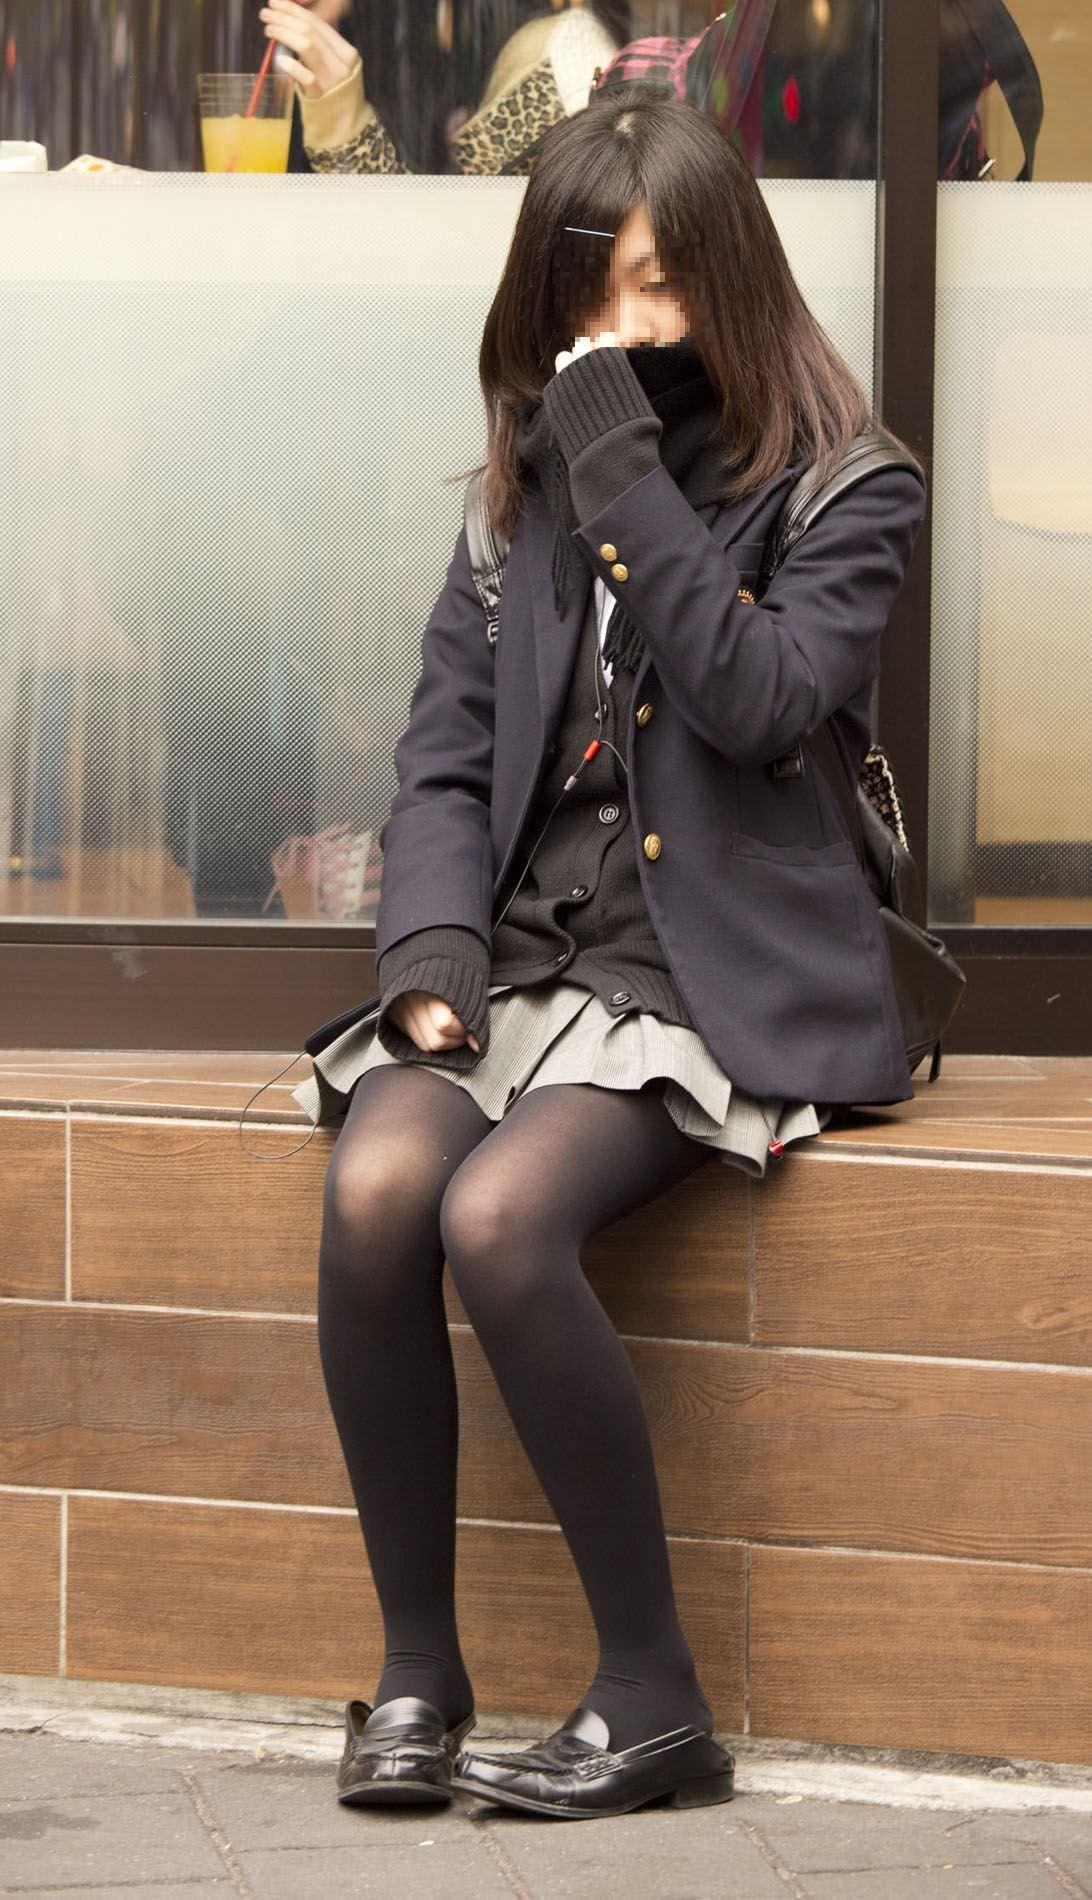 【JK盗撮】ミニスカ女子校生が黒パンスト履いた太ももがクソ抜ける街撮りwwww 2049